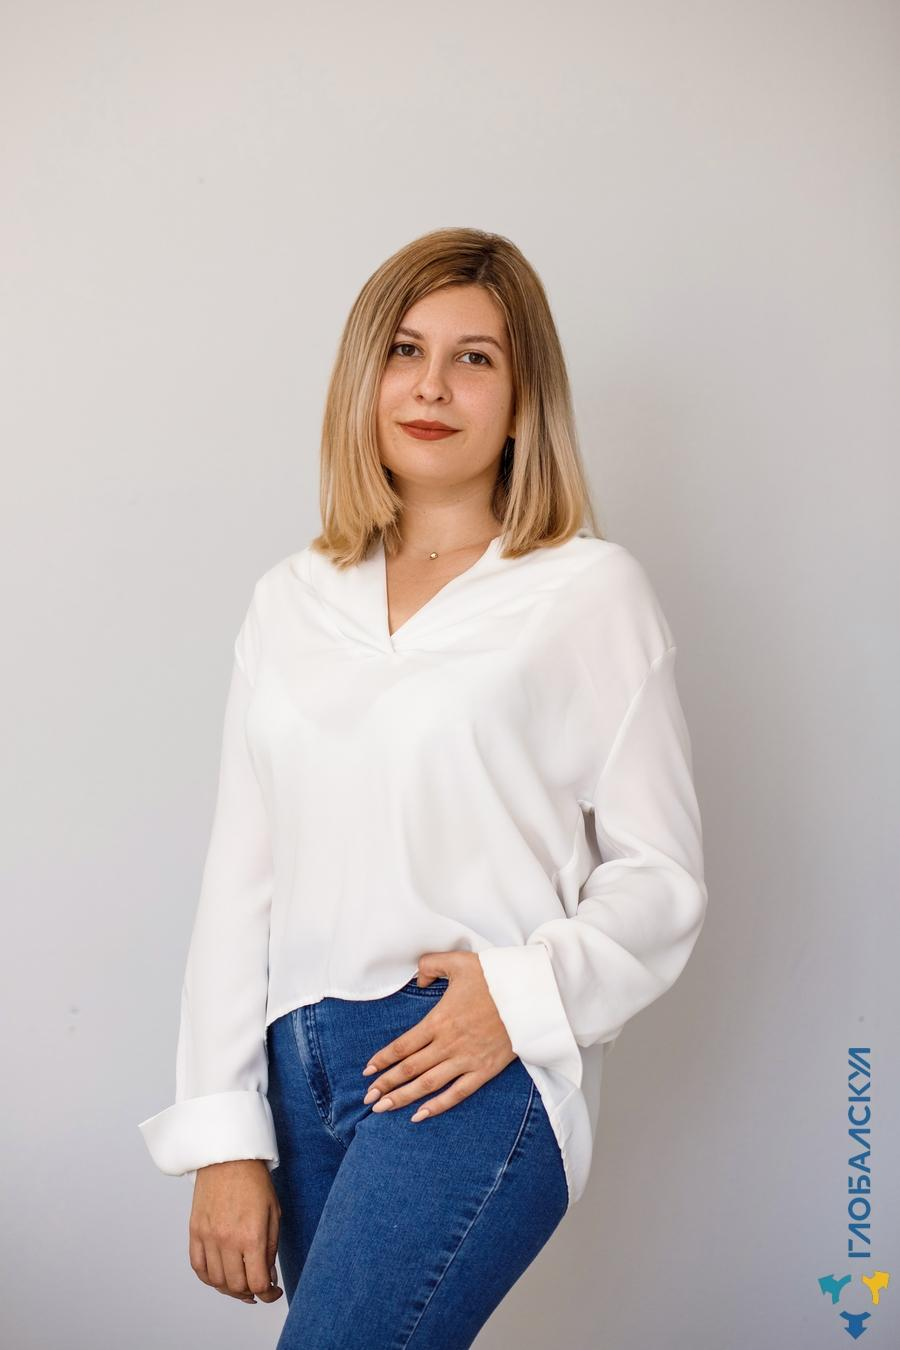 Логвинова Софья